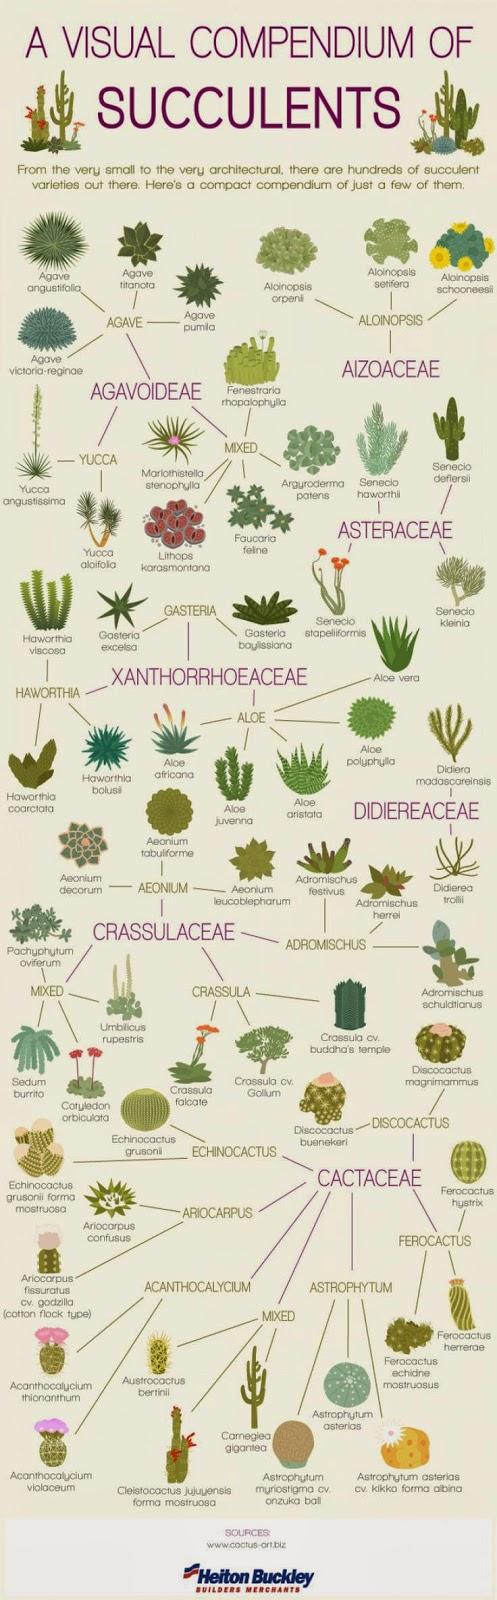 Visual compendium of succulents